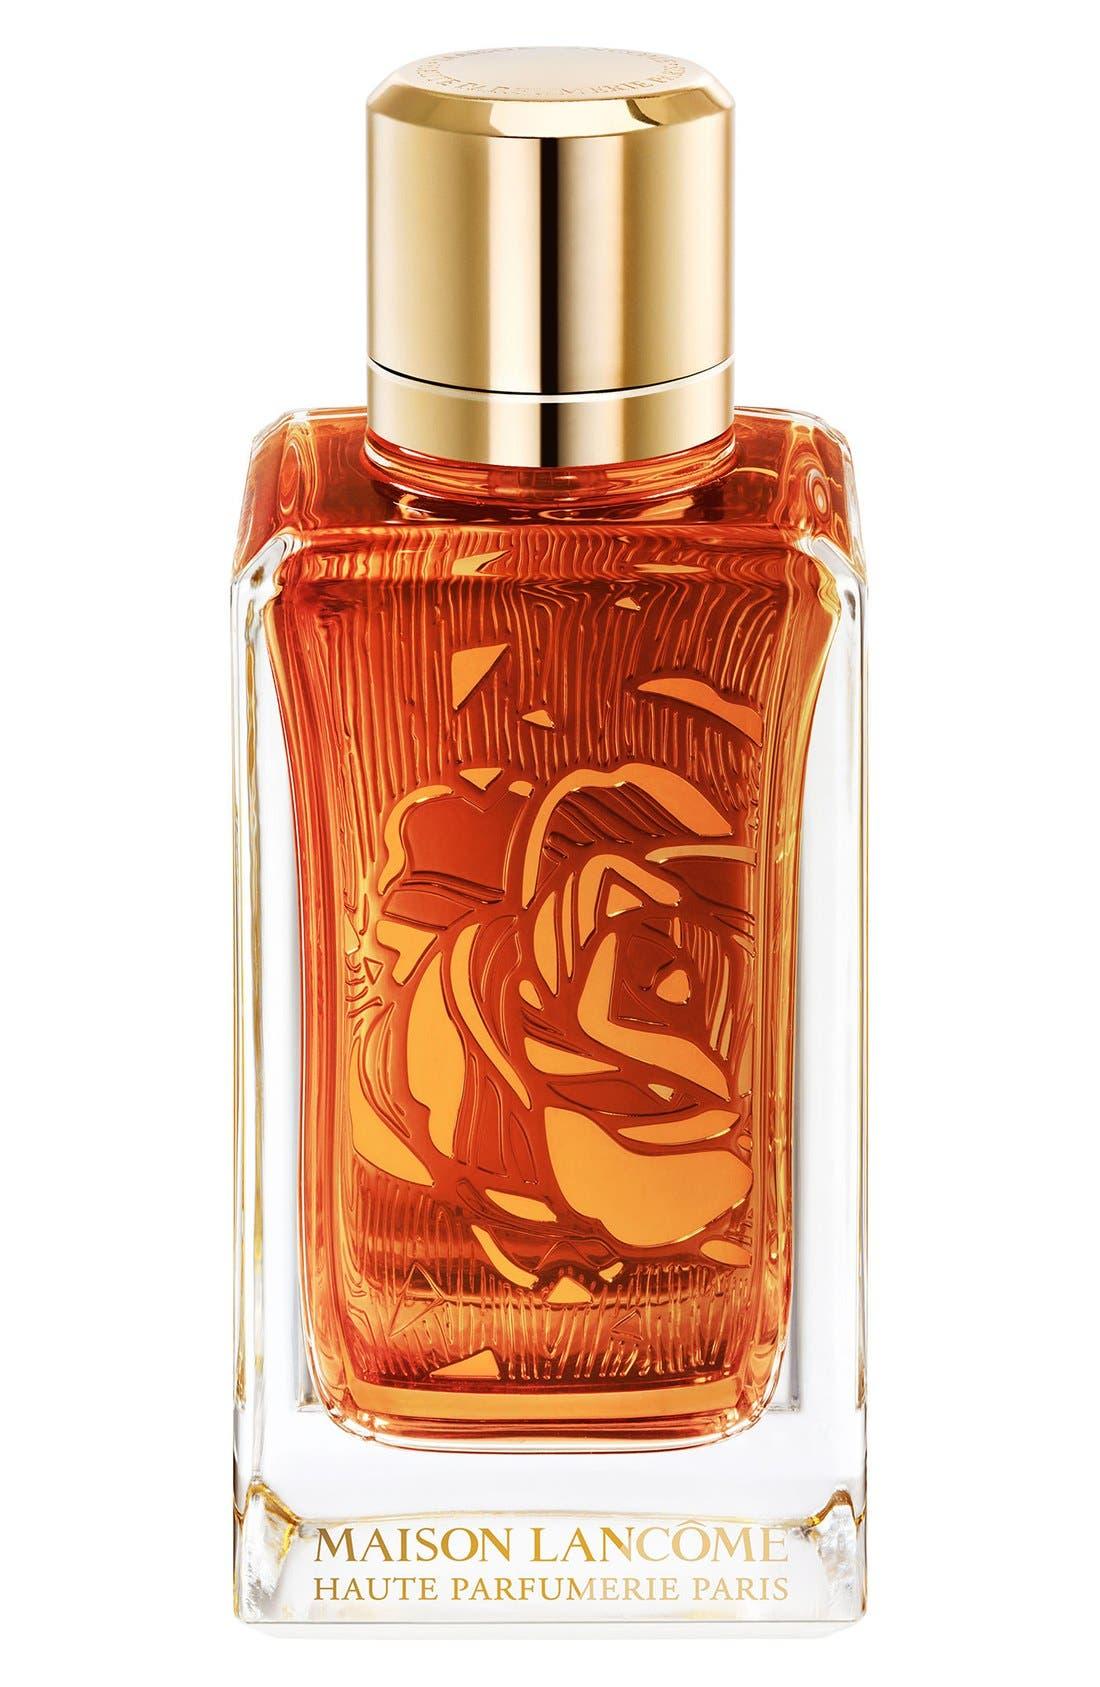 Lancôme Maison Lancôme - Ôud Bouquet Eau de Parfum